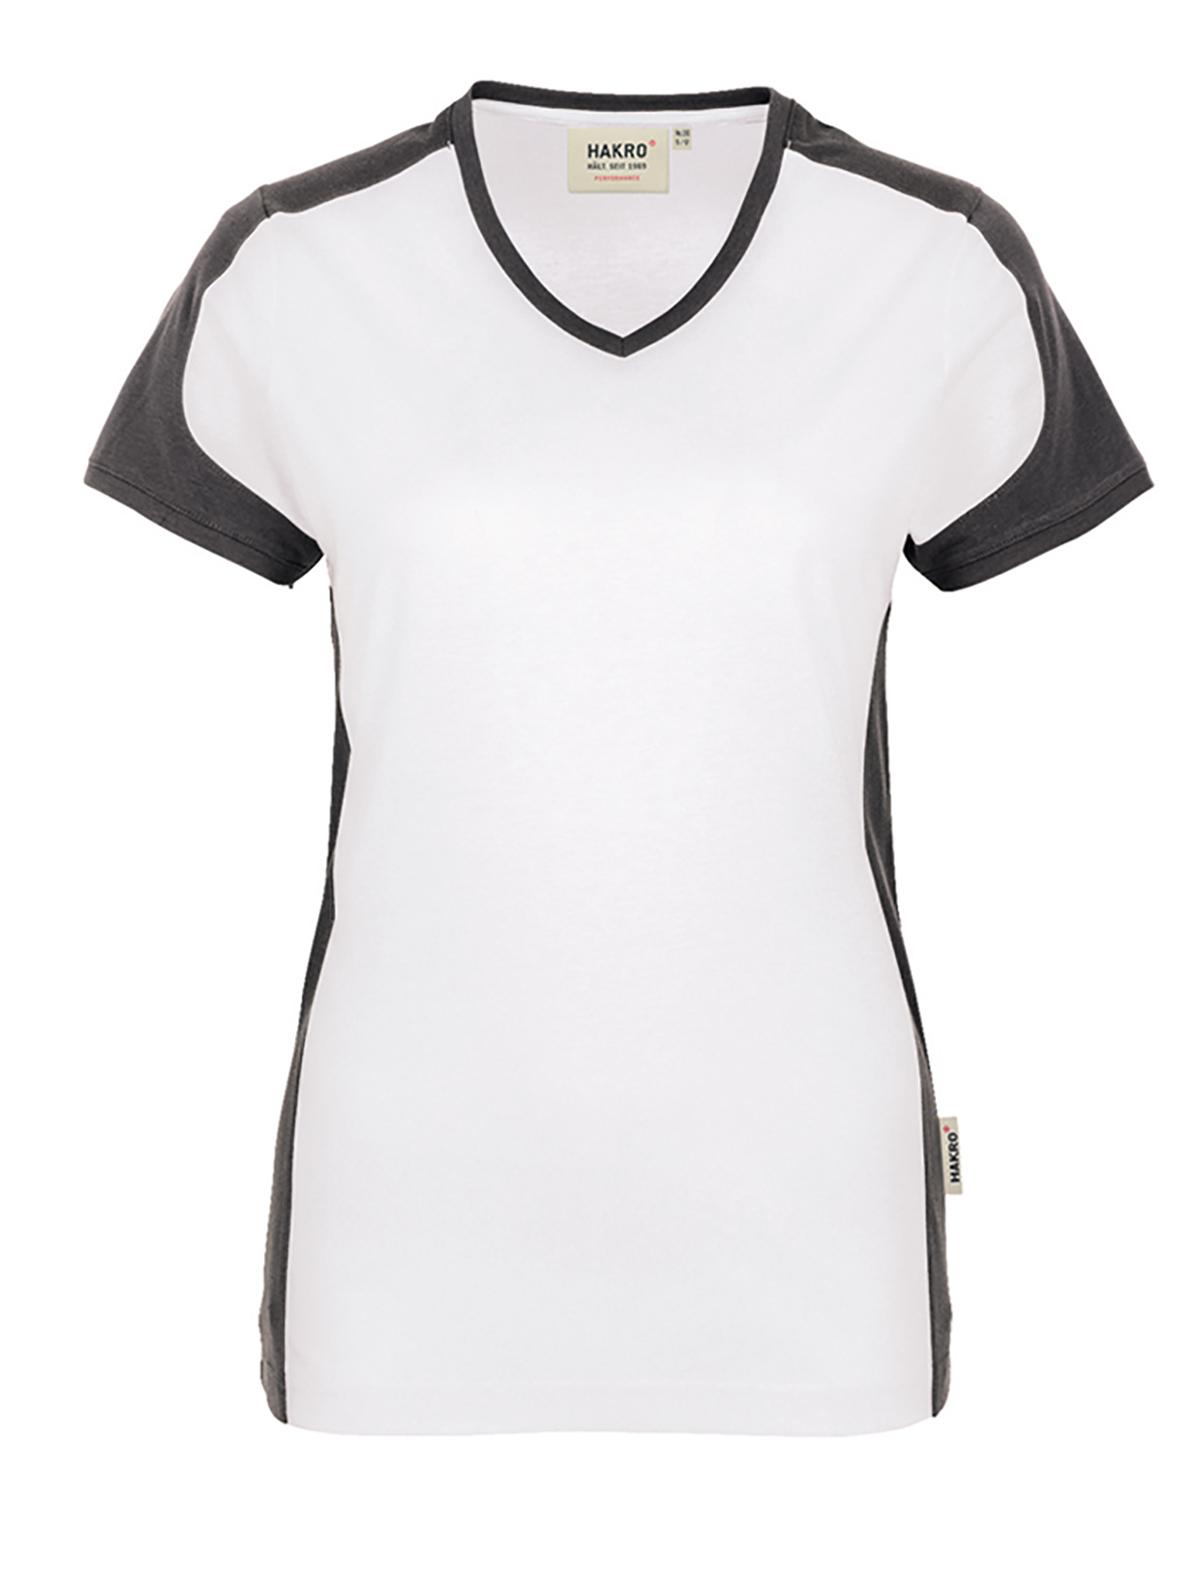 T-Shirt Contrast Damen